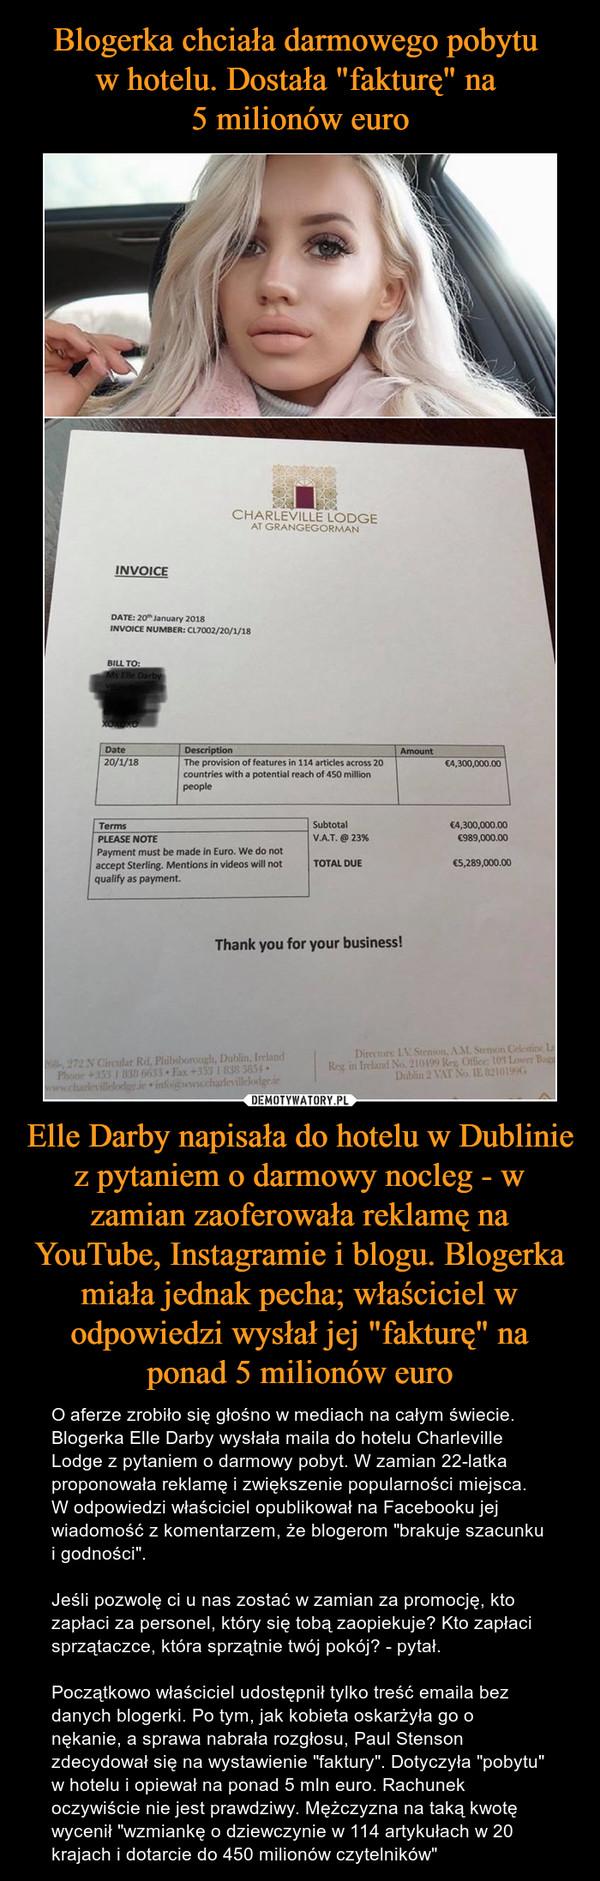 """Elle Darby napisała do hotelu w Dublinie z pytaniem o darmowy nocleg - w zamian zaoferowała reklamę na YouTube, Instagramie i blogu. Blogerka miała jednak pecha; właściciel w odpowiedzi wysłał jej """"fakturę"""" na ponad 5 milionów euro – O aferze zrobiło się głośno w mediach na całym świecie. Blogerka Elle Darby wysłała maila do hotelu Charleville Lodge z pytaniem o darmowy pobyt. W zamian 22-latka proponowała reklamę i zwiększenie popularności miejsca. W odpowiedzi właściciel opublikował na Facebooku jej wiadomość z komentarzem, że blogerom """"brakuje szacunku i godności"""".Jeśli pozwolę ci u nas zostać w zamian za promocję, kto zapłaci za personel, który się tobą zaopiekuje? Kto zapłaci sprzątaczce, która sprzątnie twój pokój? - pytał.Początkowo właściciel udostępnił tylko treść emaila bez danych blogerki. Po tym, jak kobieta oskarżyła go o nękanie, a sprawa nabrała rozgłosu, Paul Stenson zdecydował się na wystawienie """"faktury"""". Dotyczyła """"pobytu"""" w hotelu i opiewał na ponad 5 mln euro. Rachunek oczywiście nie jest prawdziwy. Mężczyzna na taką kwotę wycenił """"wzmiankę o dziewczynie w 114 artykułach w 20 krajach i dotarcie do 450 milionów czytelników"""""""